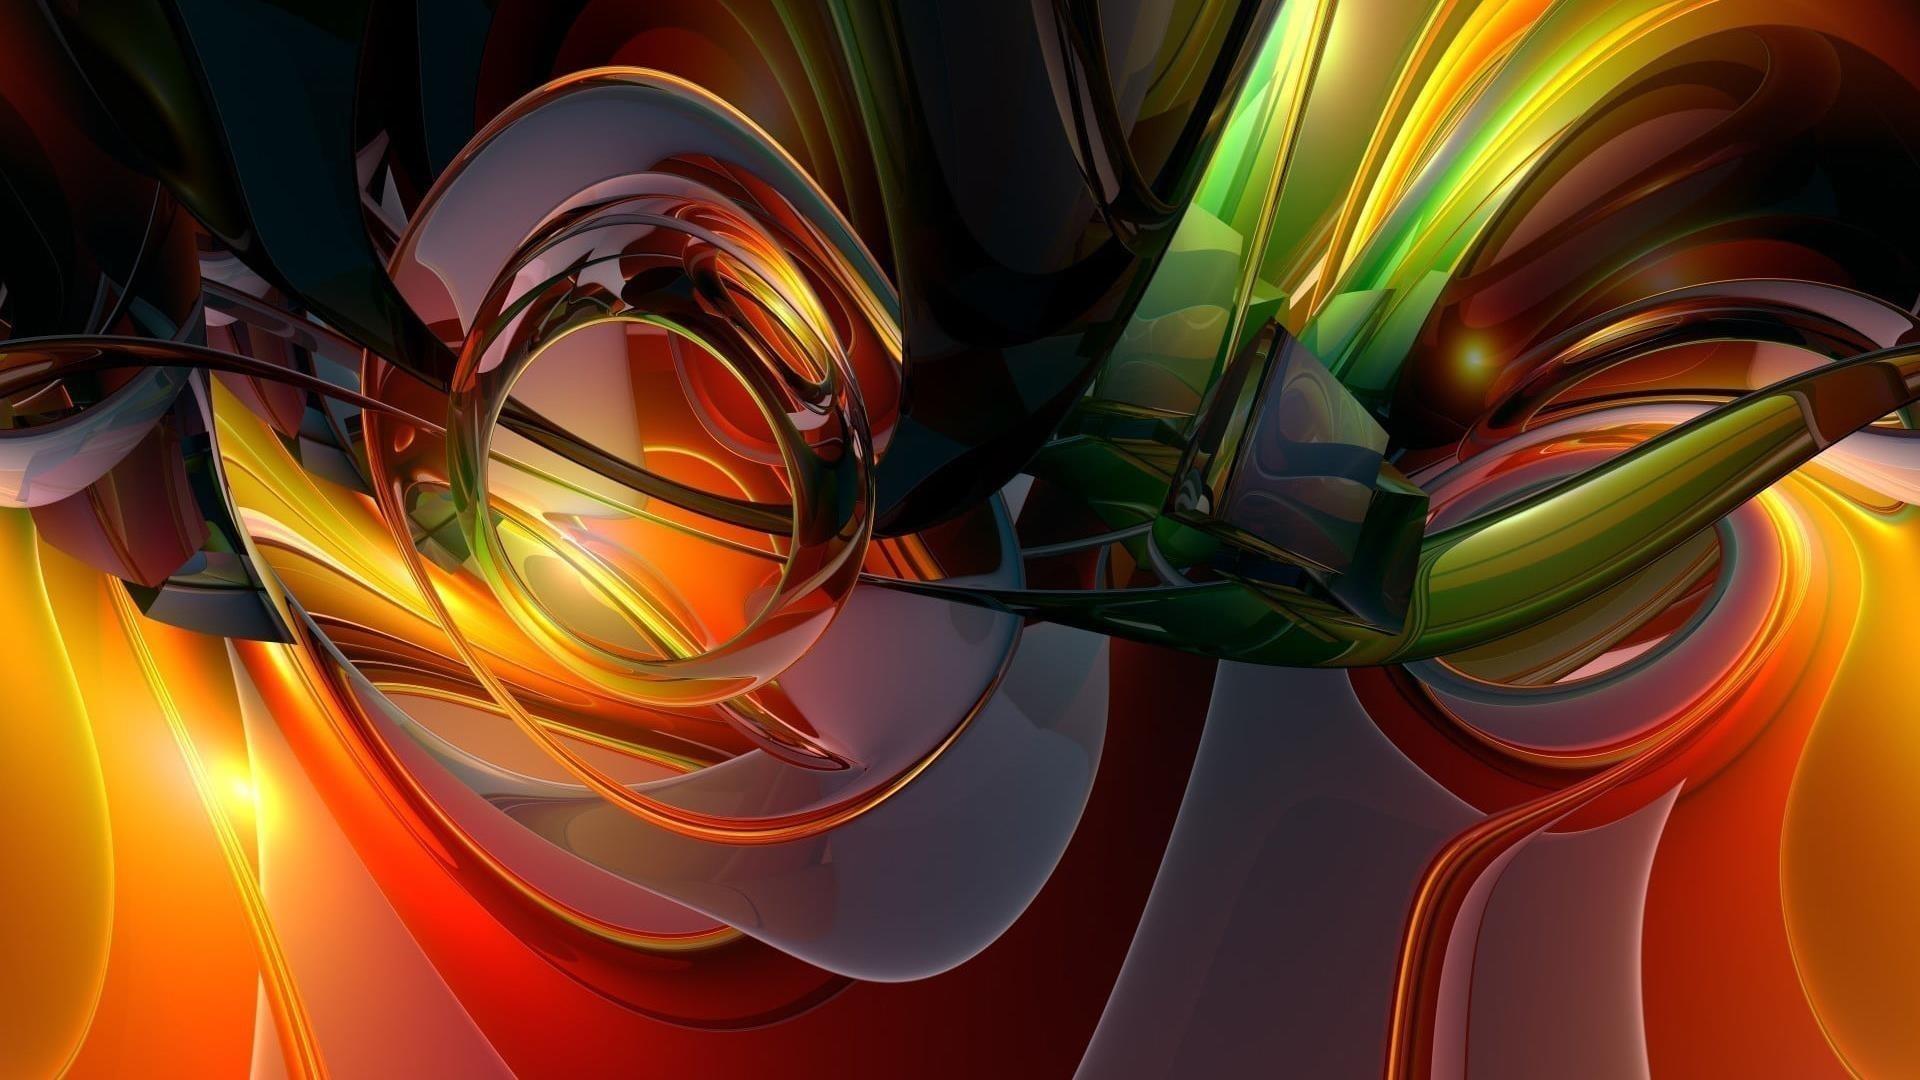 Зеленый красный желтый стеклянный абстрактное произведение искусства абстрактное обои скачать